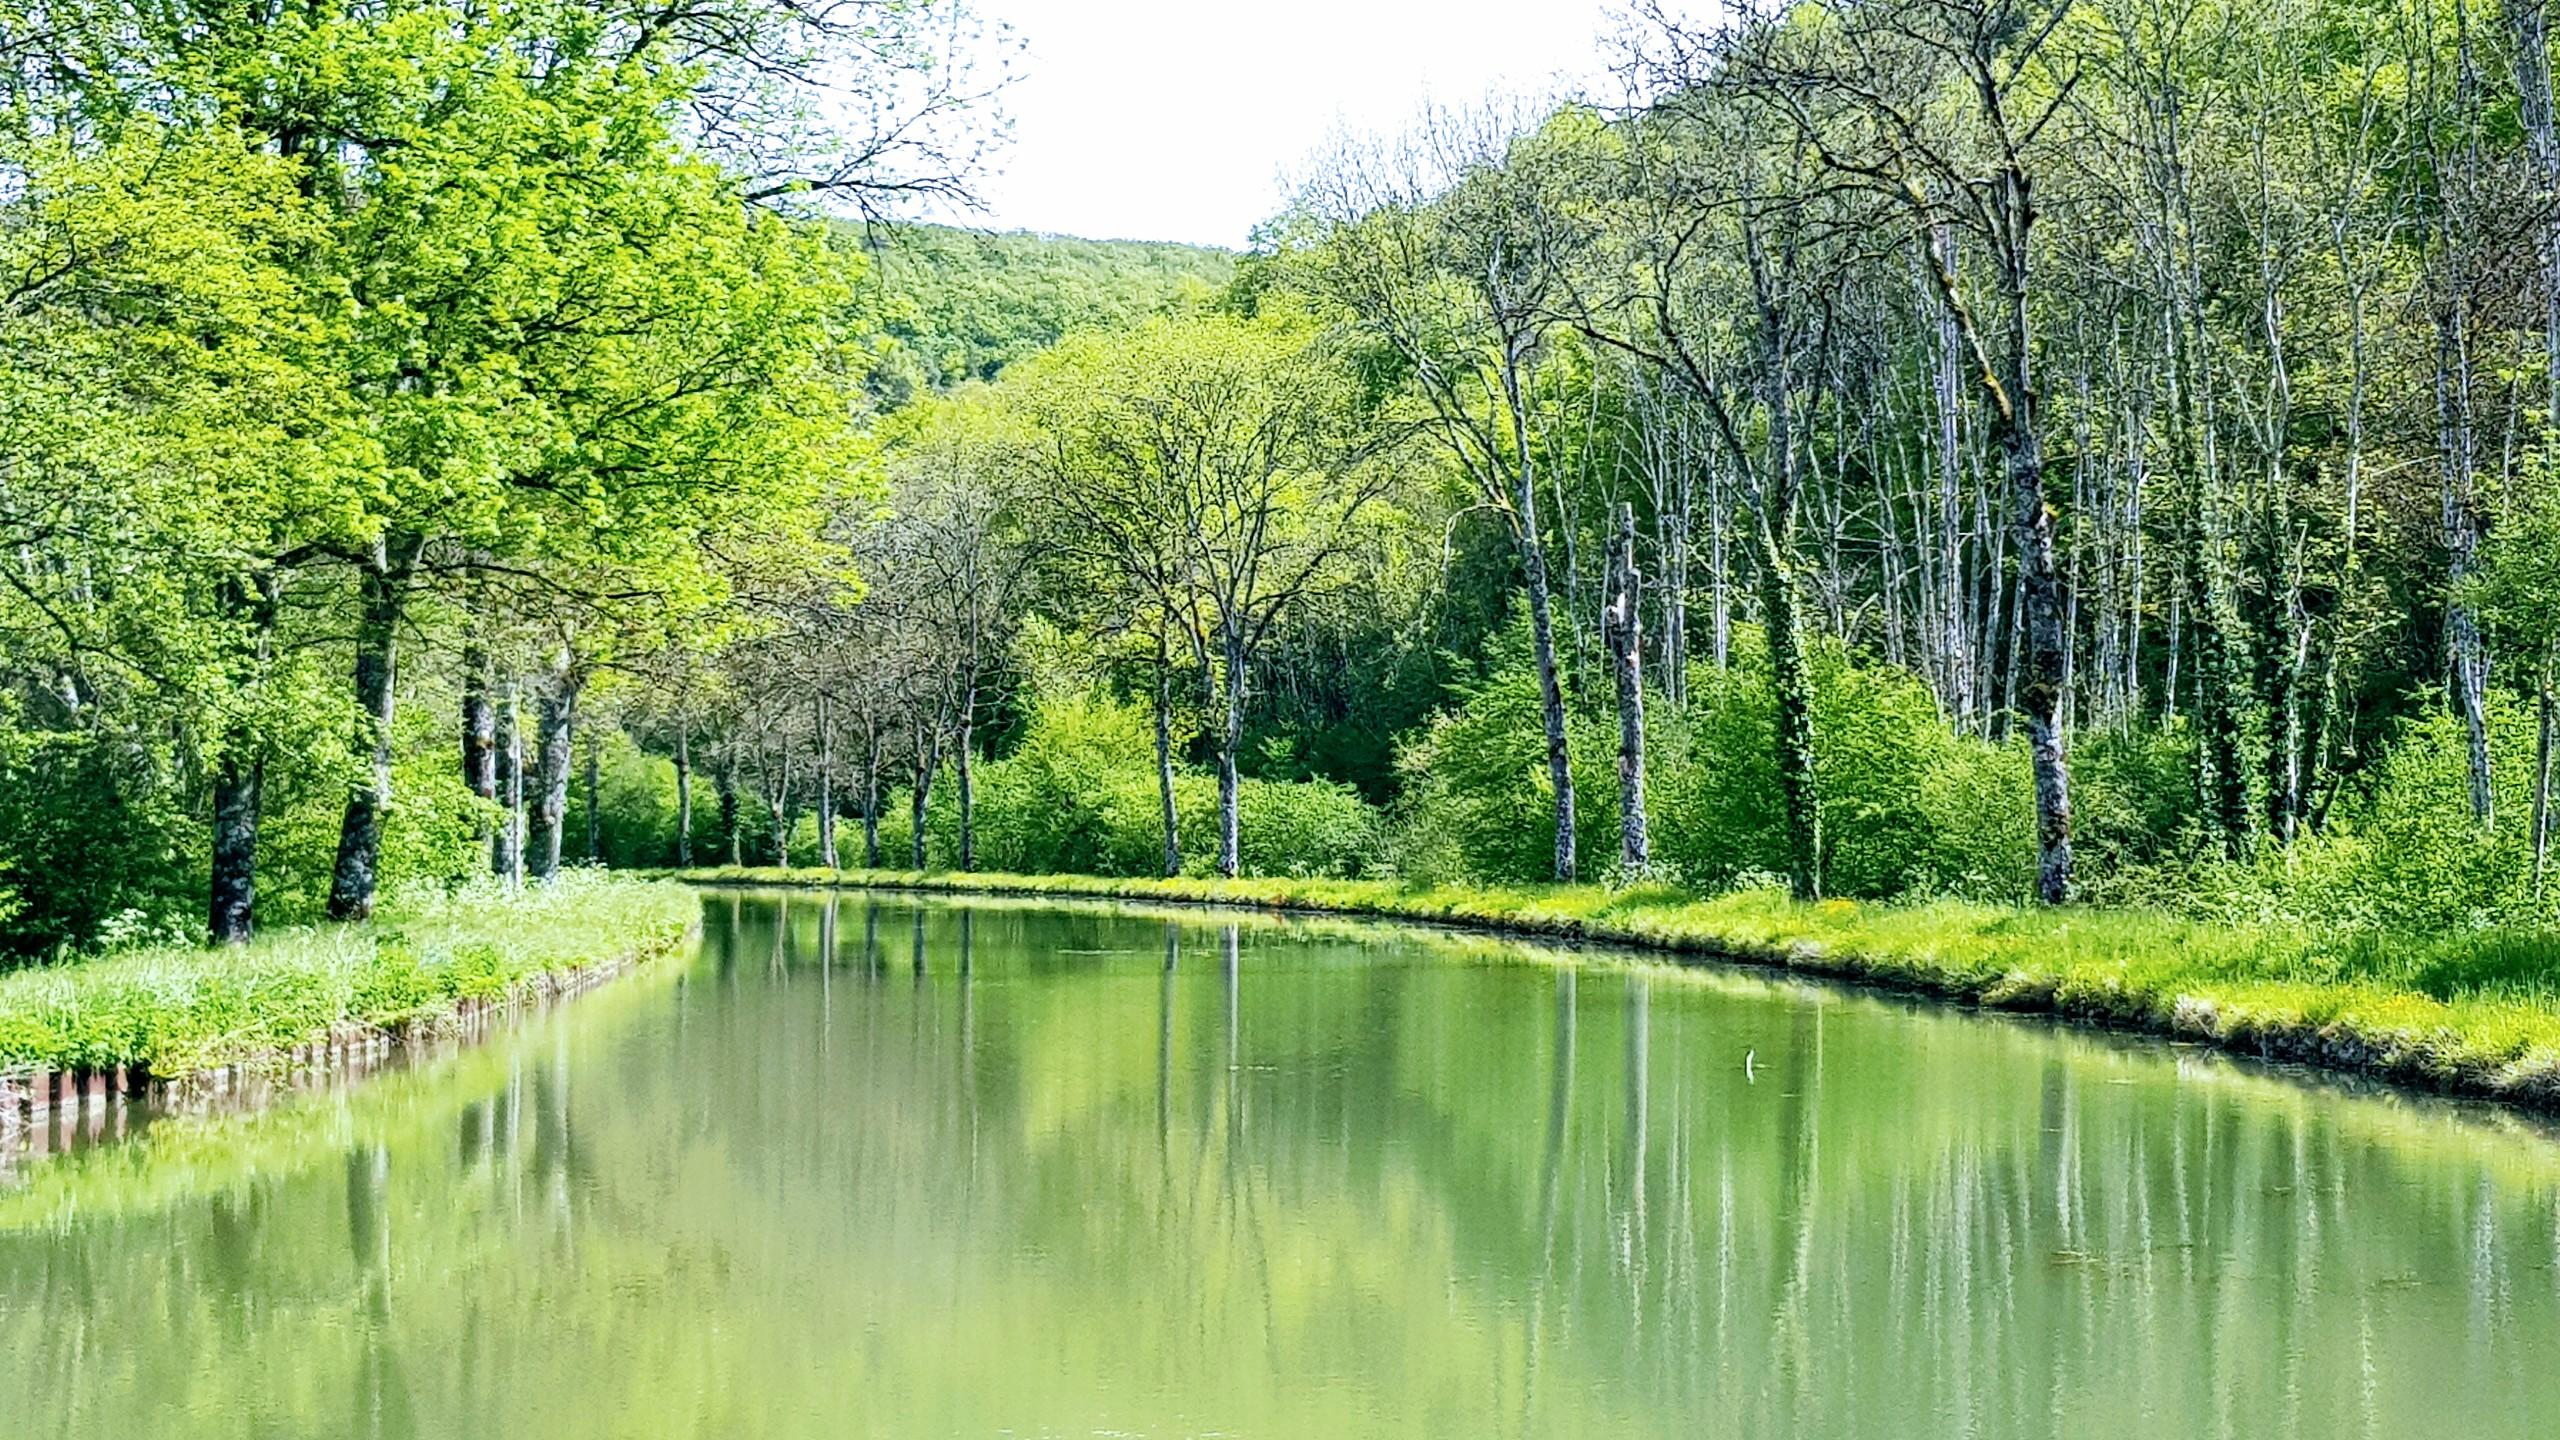 Der Kanal schlängelt sich dem Wald entlang. Gut zu wissen, dass niemand entgegenkommen wirdGewundene Strecke zwischen zwei Schleusen, man sieht nie weit, aber wir wissen, dass niemand entgegenkommen wird